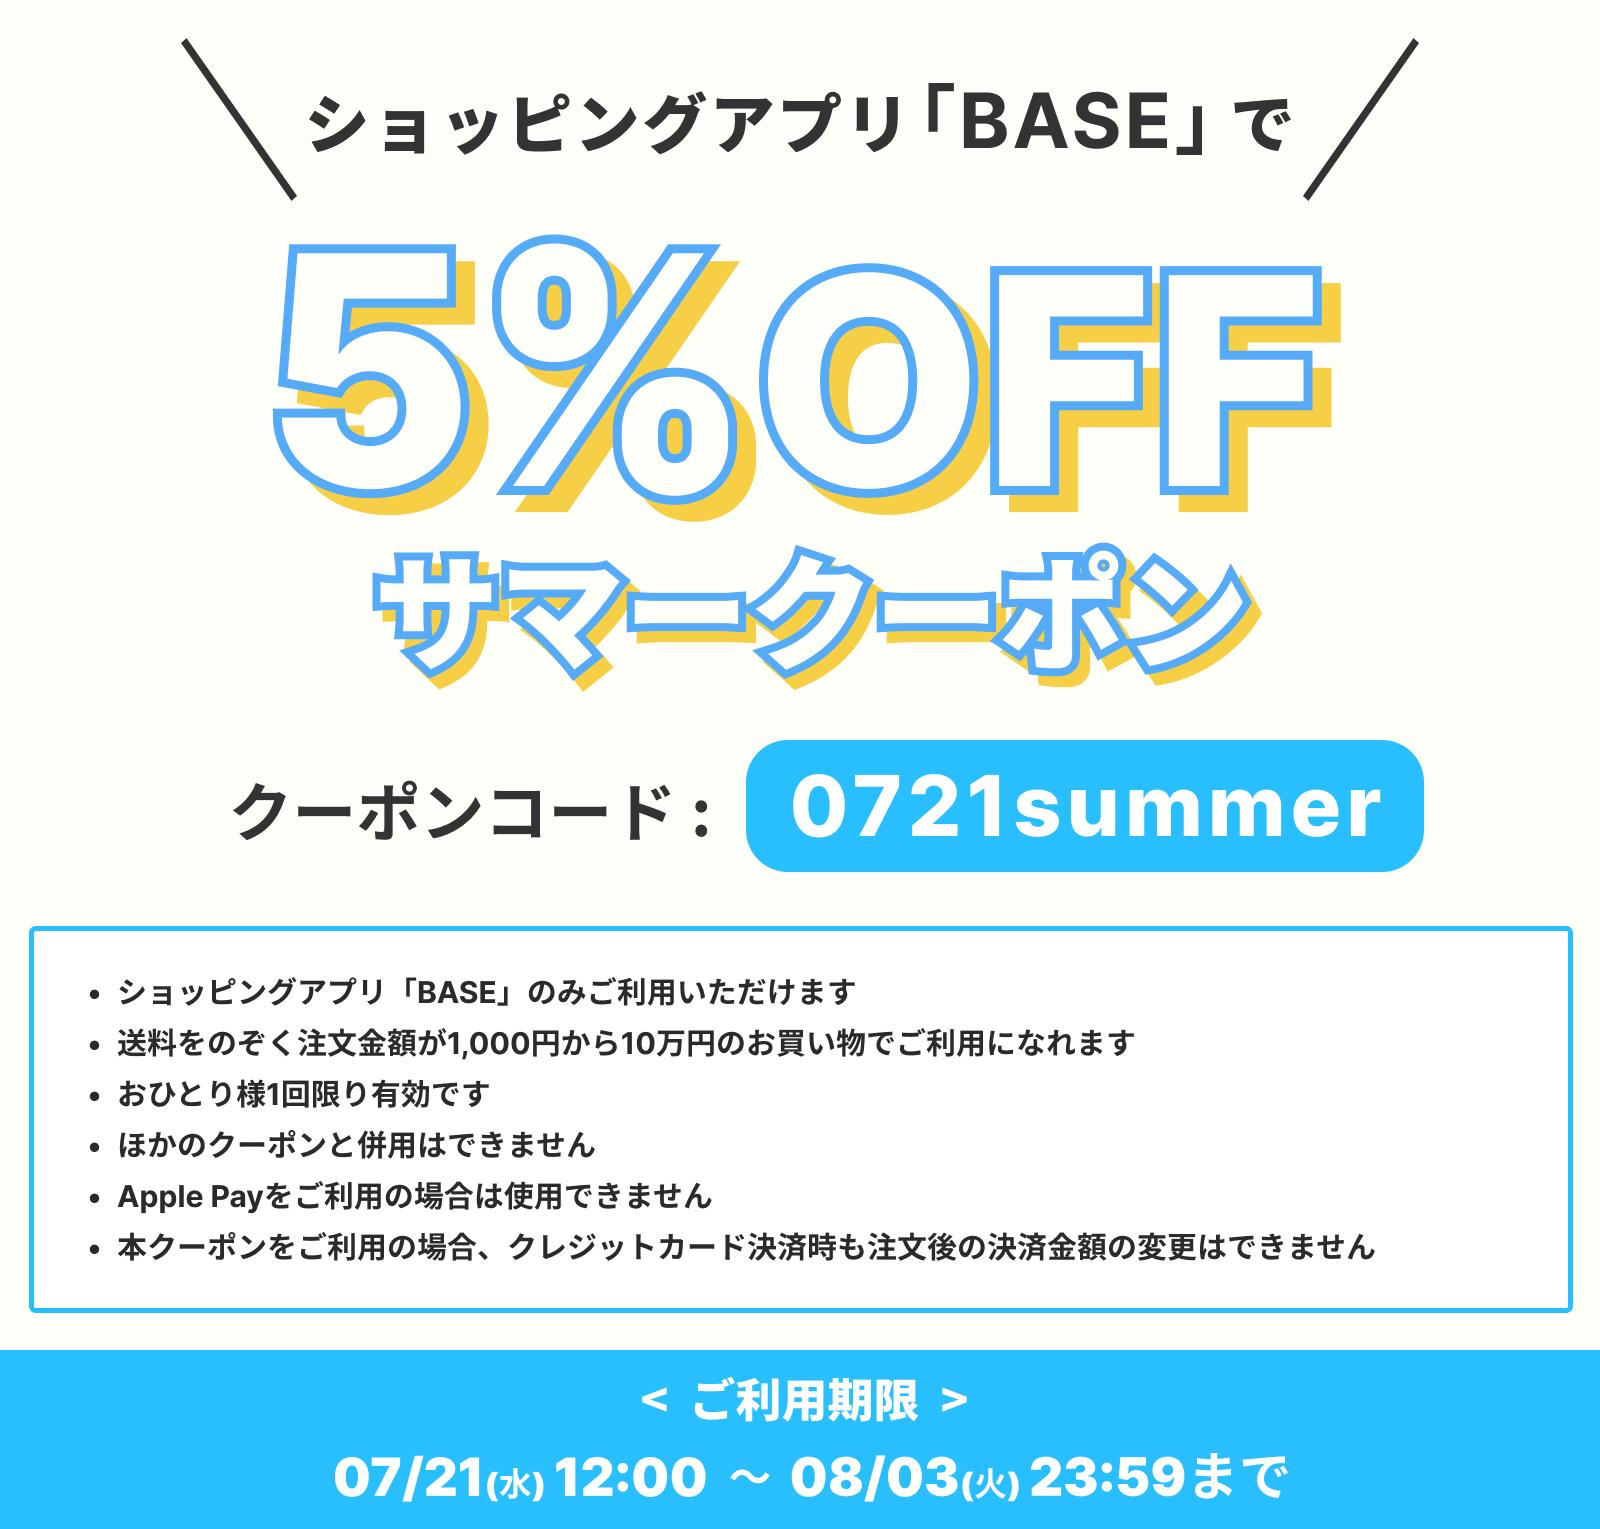 5%OFF!ショッピングアプリ「BASE」で使えるクーポン!でました!